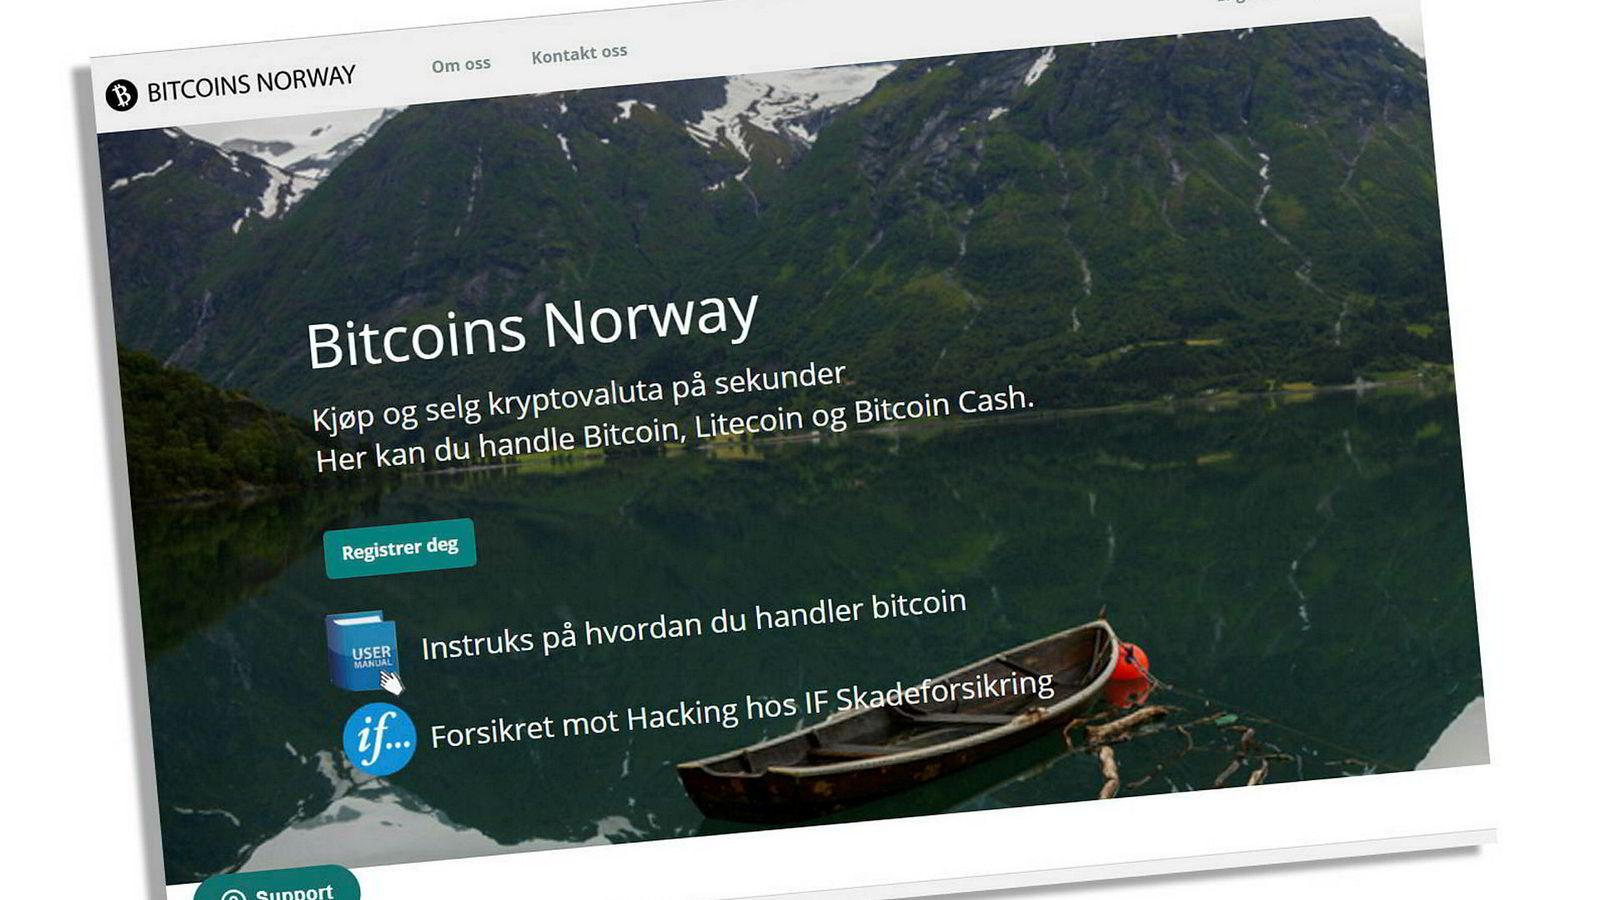 I 2018 reklamerte Bitcoins Norge for at kryptobørsen var «forsikret mot hacking hos If skadeforsikring». Skjermdump av selskapets nettsider i februar 2018.